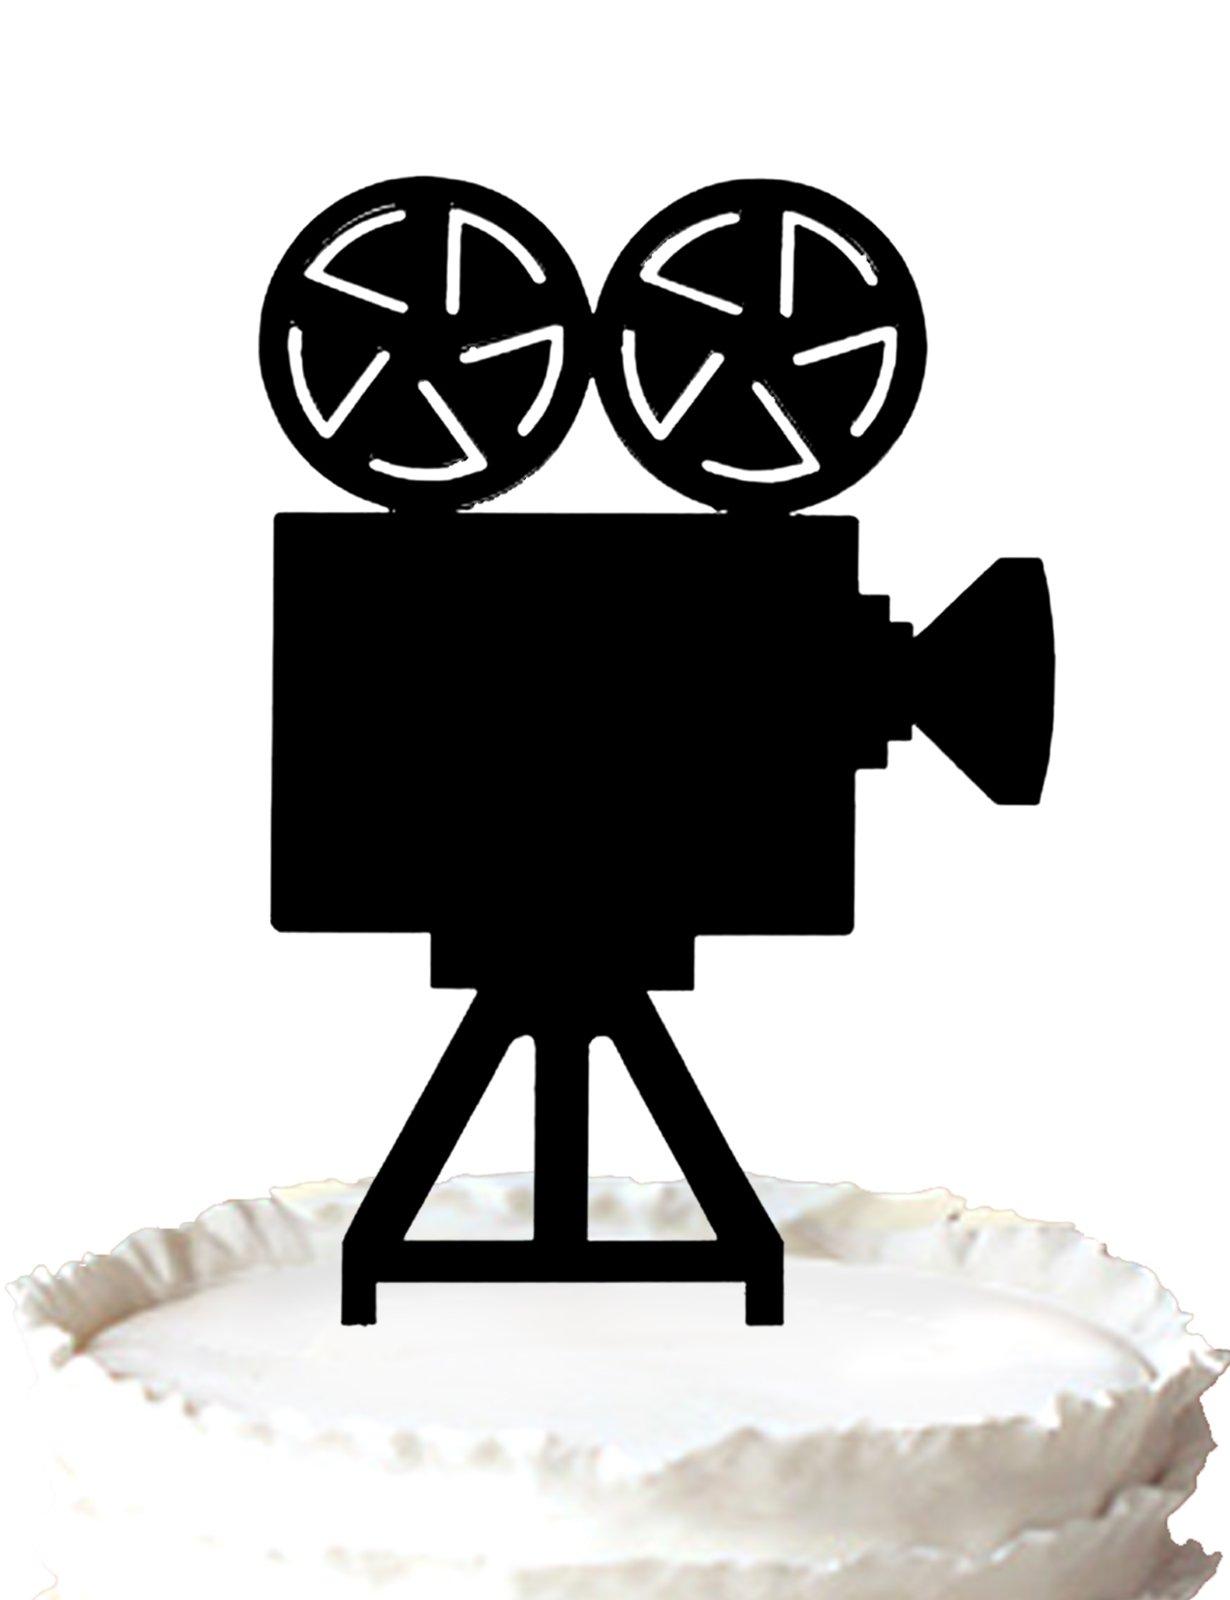 Kaishihui movie camera acrylic cake topper for decoration